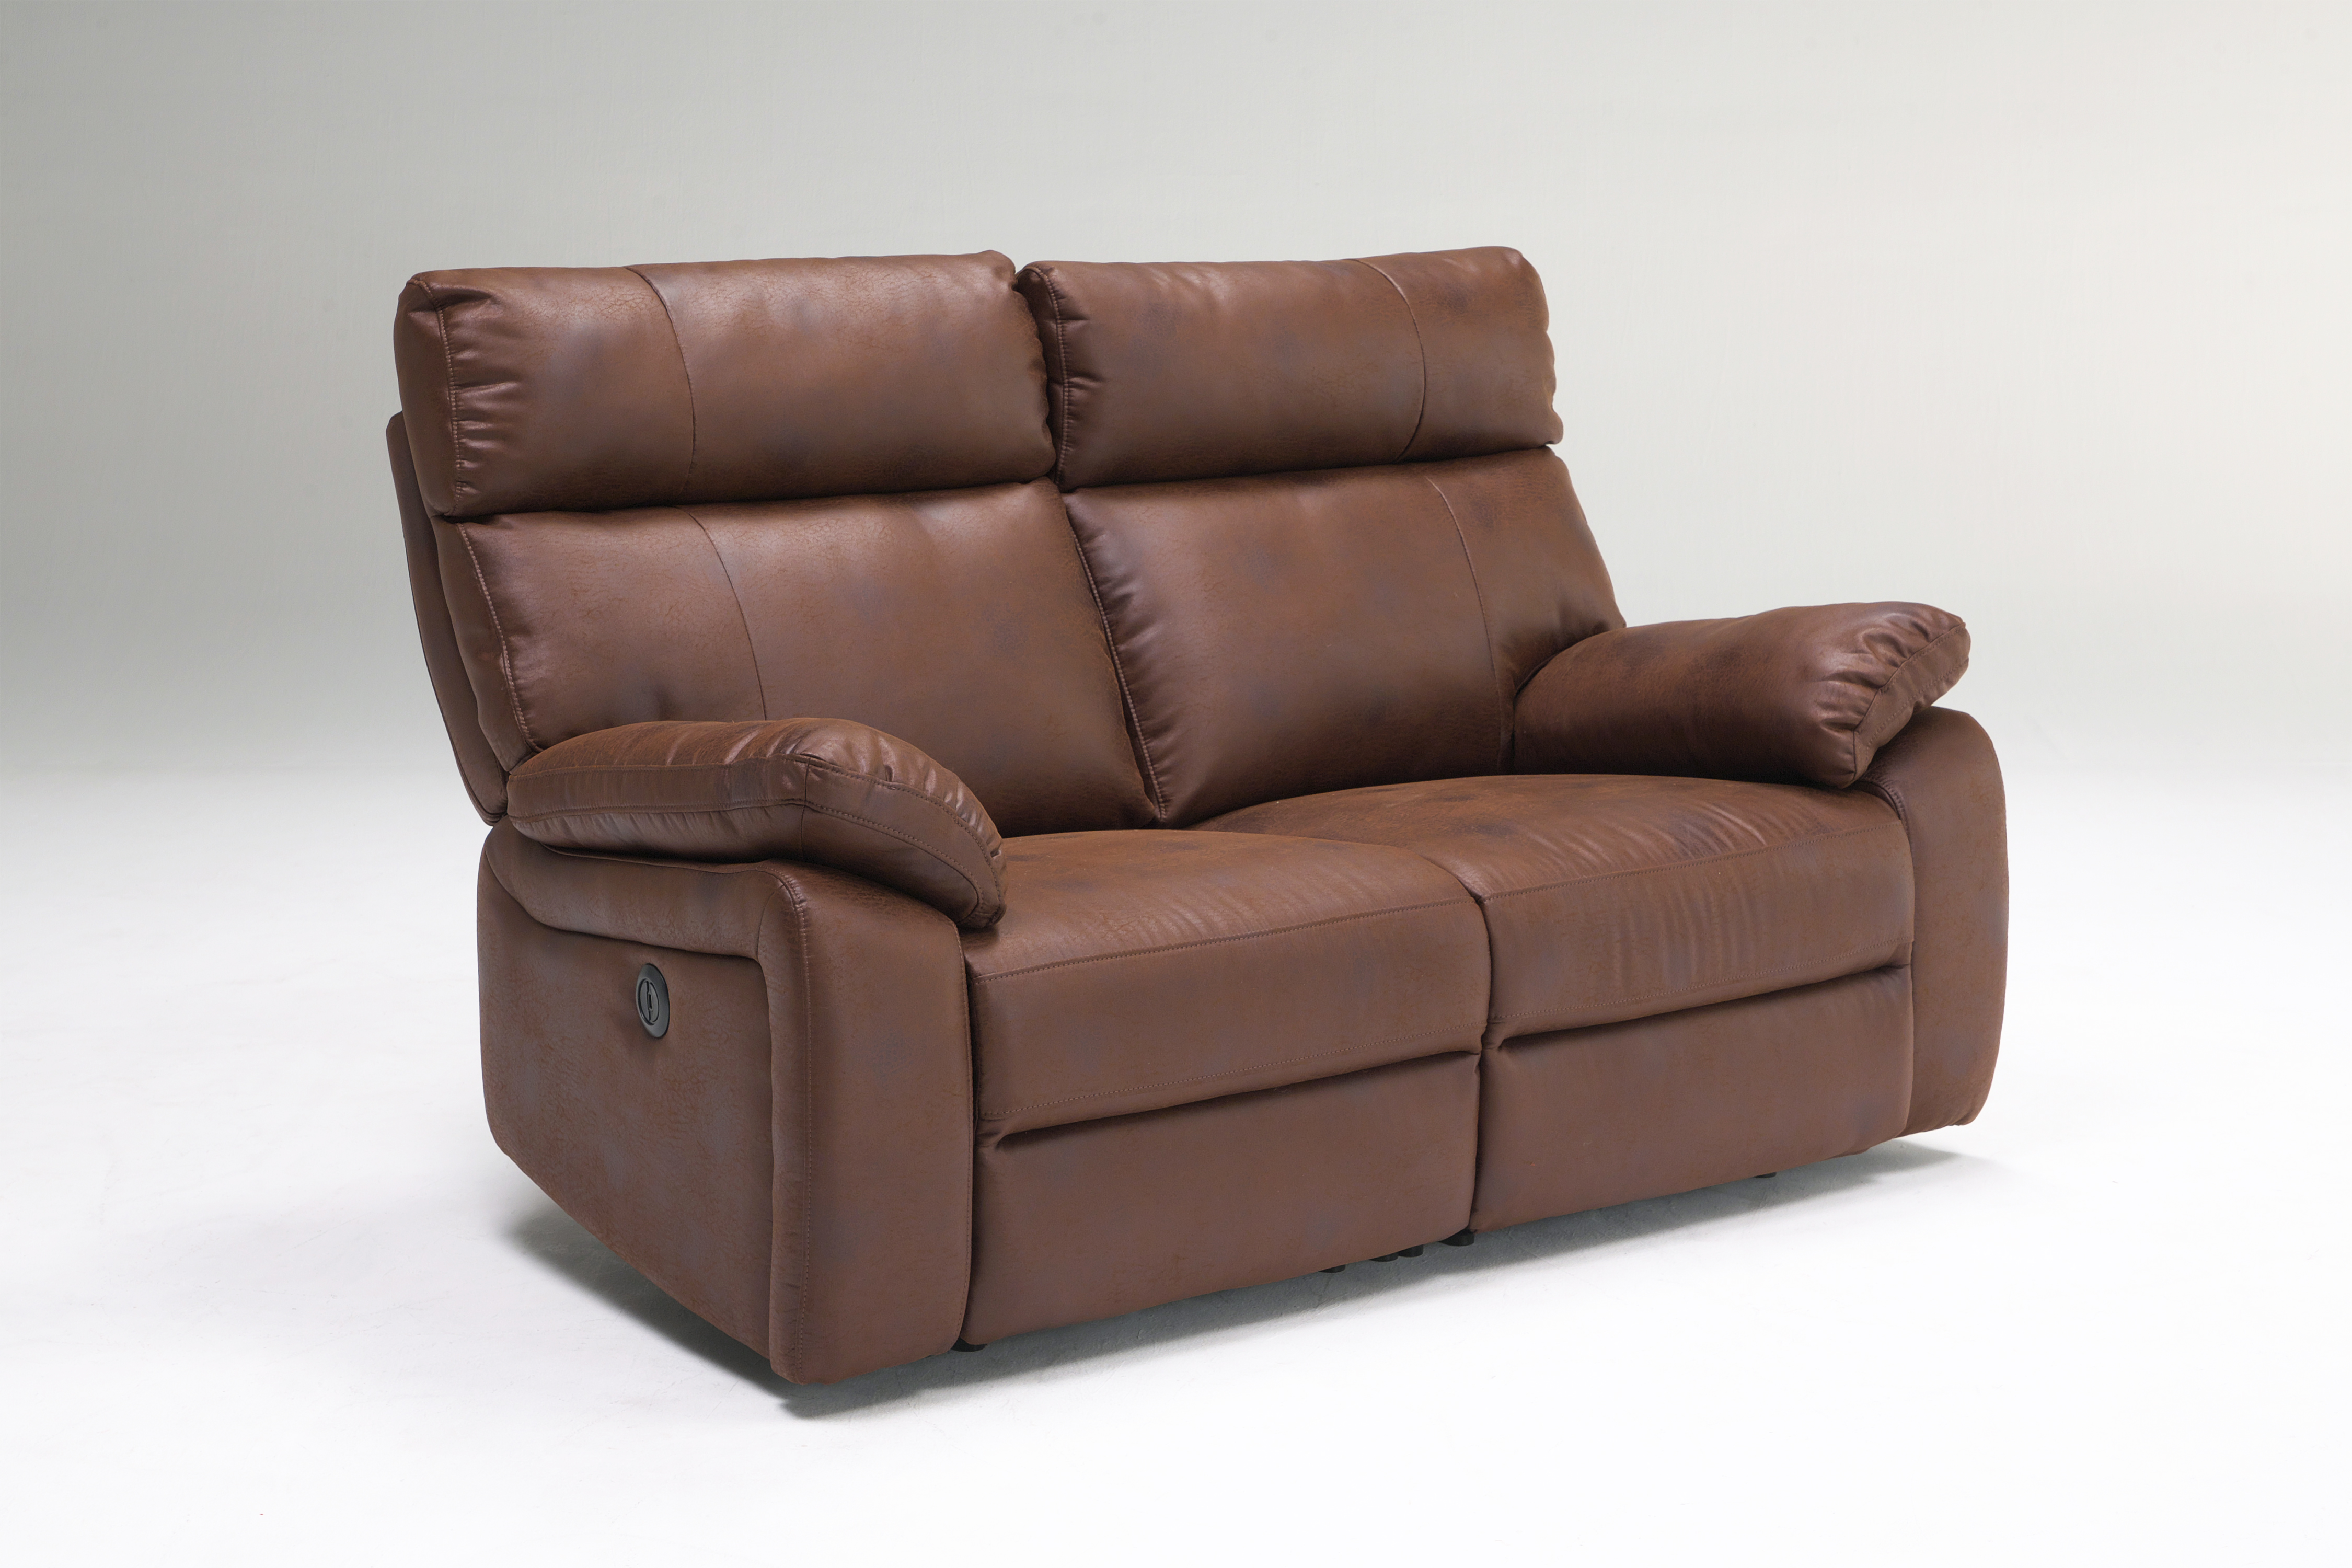 sofa28